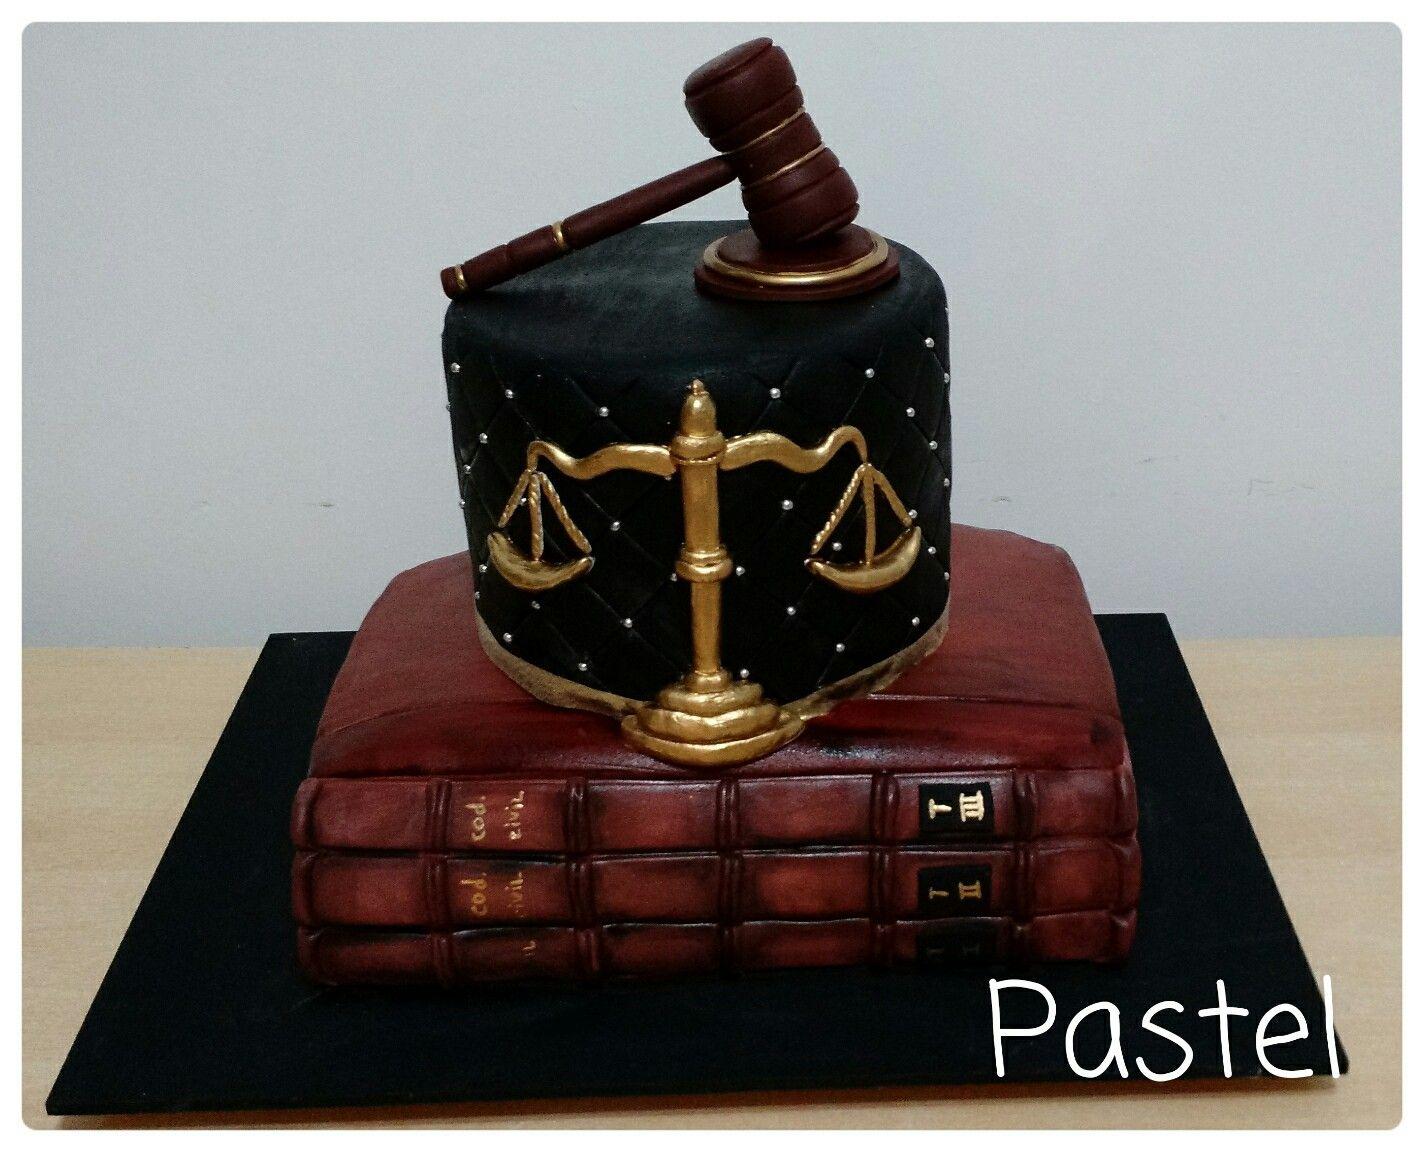 Lawyer cake. #PastelByJosefina #Cakes Cake decoration ...